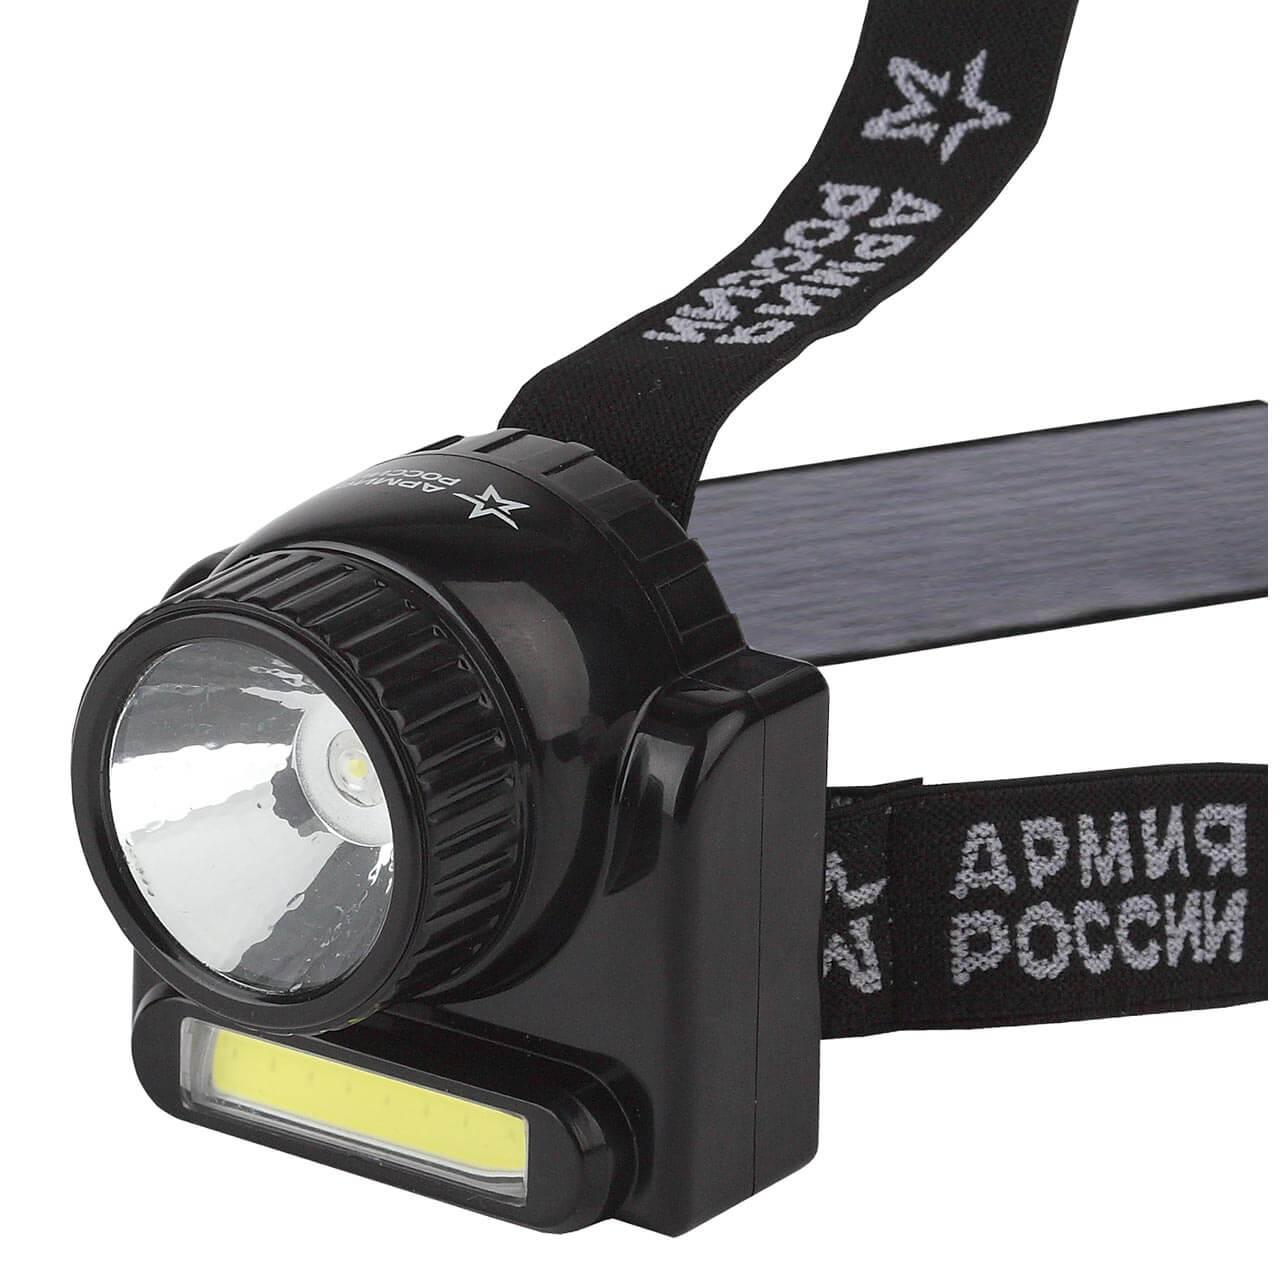 Налобный светодиодный фонарь ЭРА Армия России Гранит аккумуляторный 72x70 176 лм GA-501